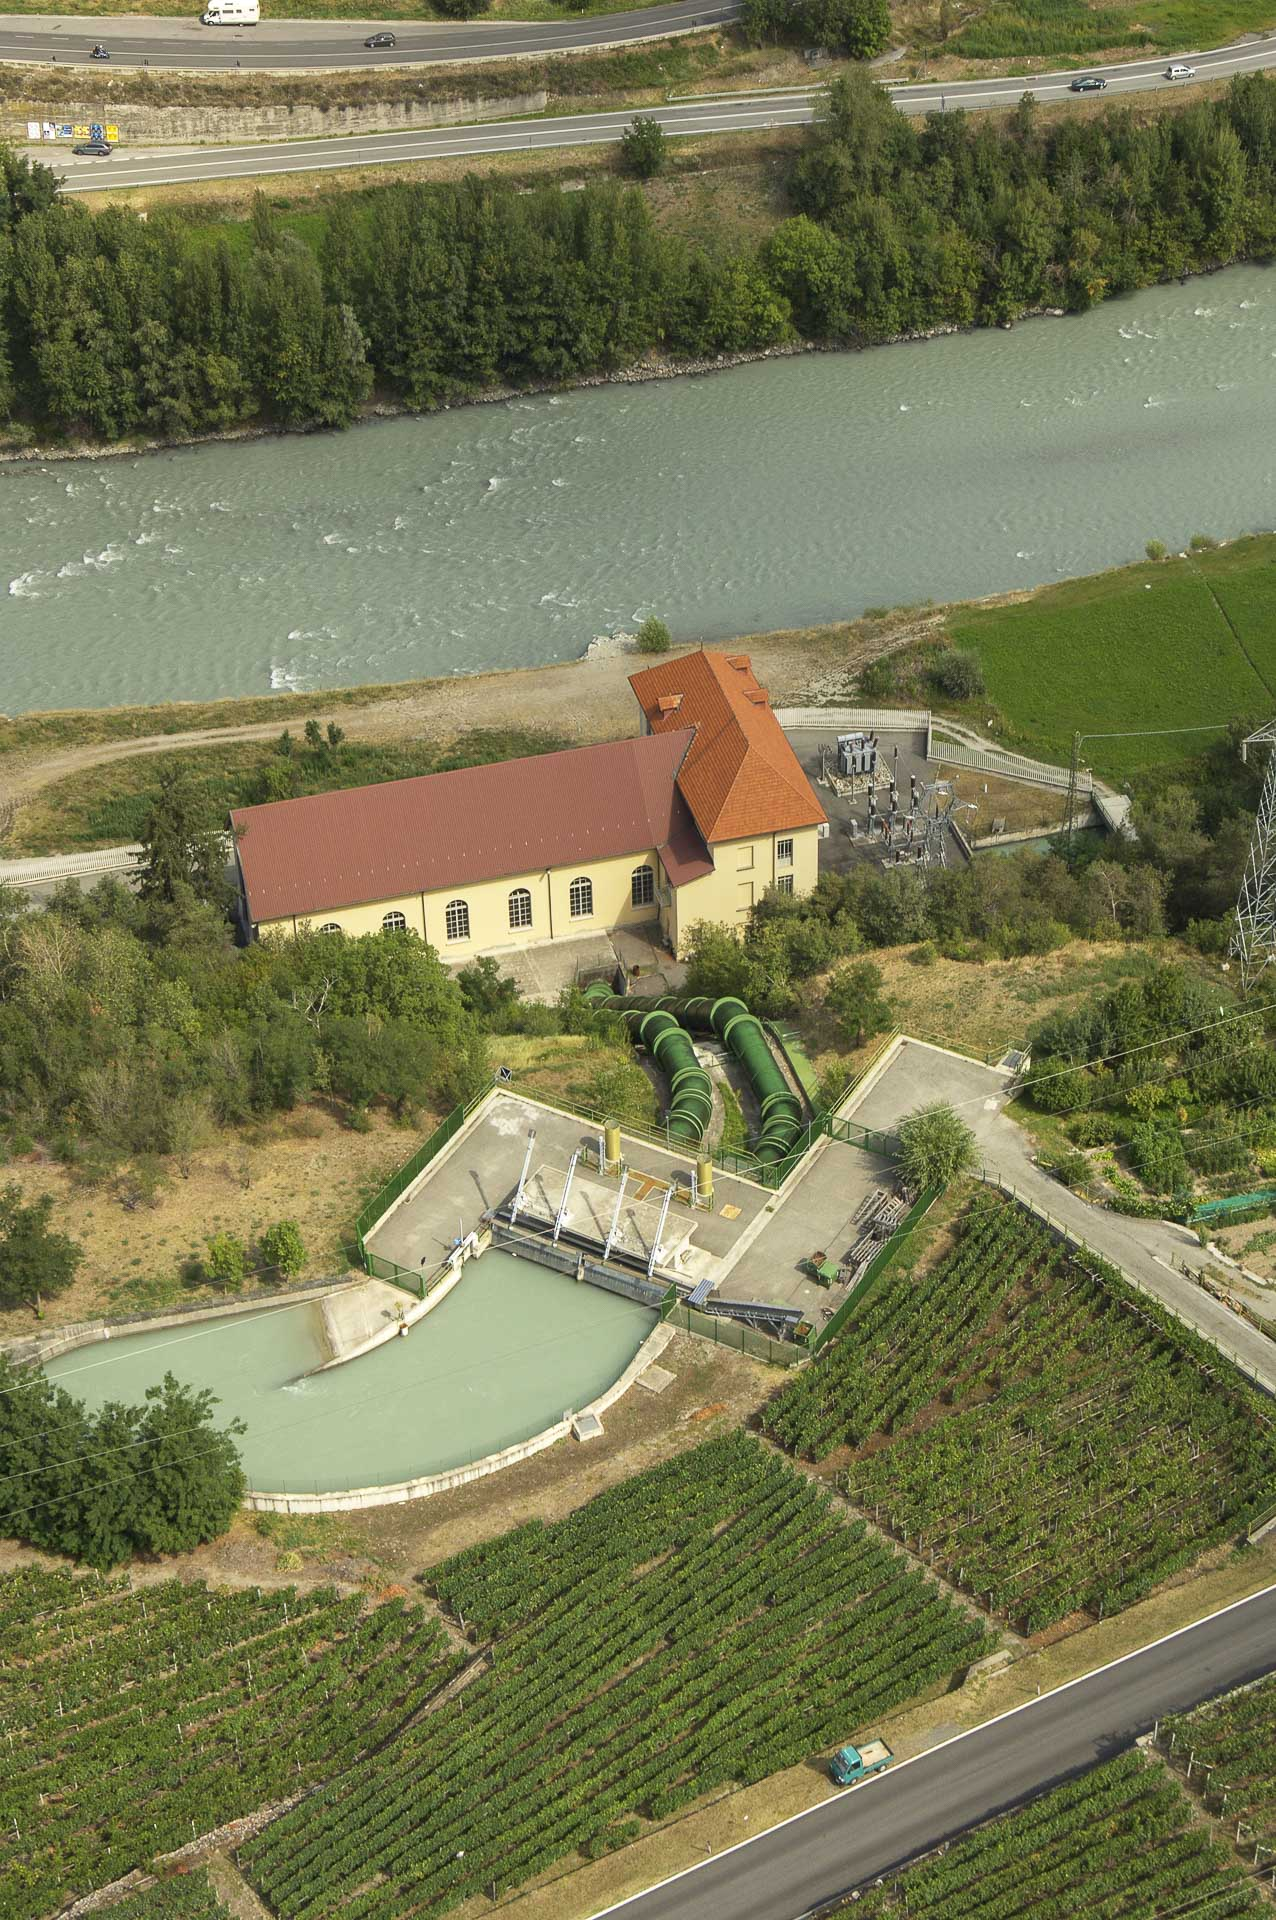 Centrale idroelettrica Gruppo CVA in Aymavilles produzione energia rinnovabile